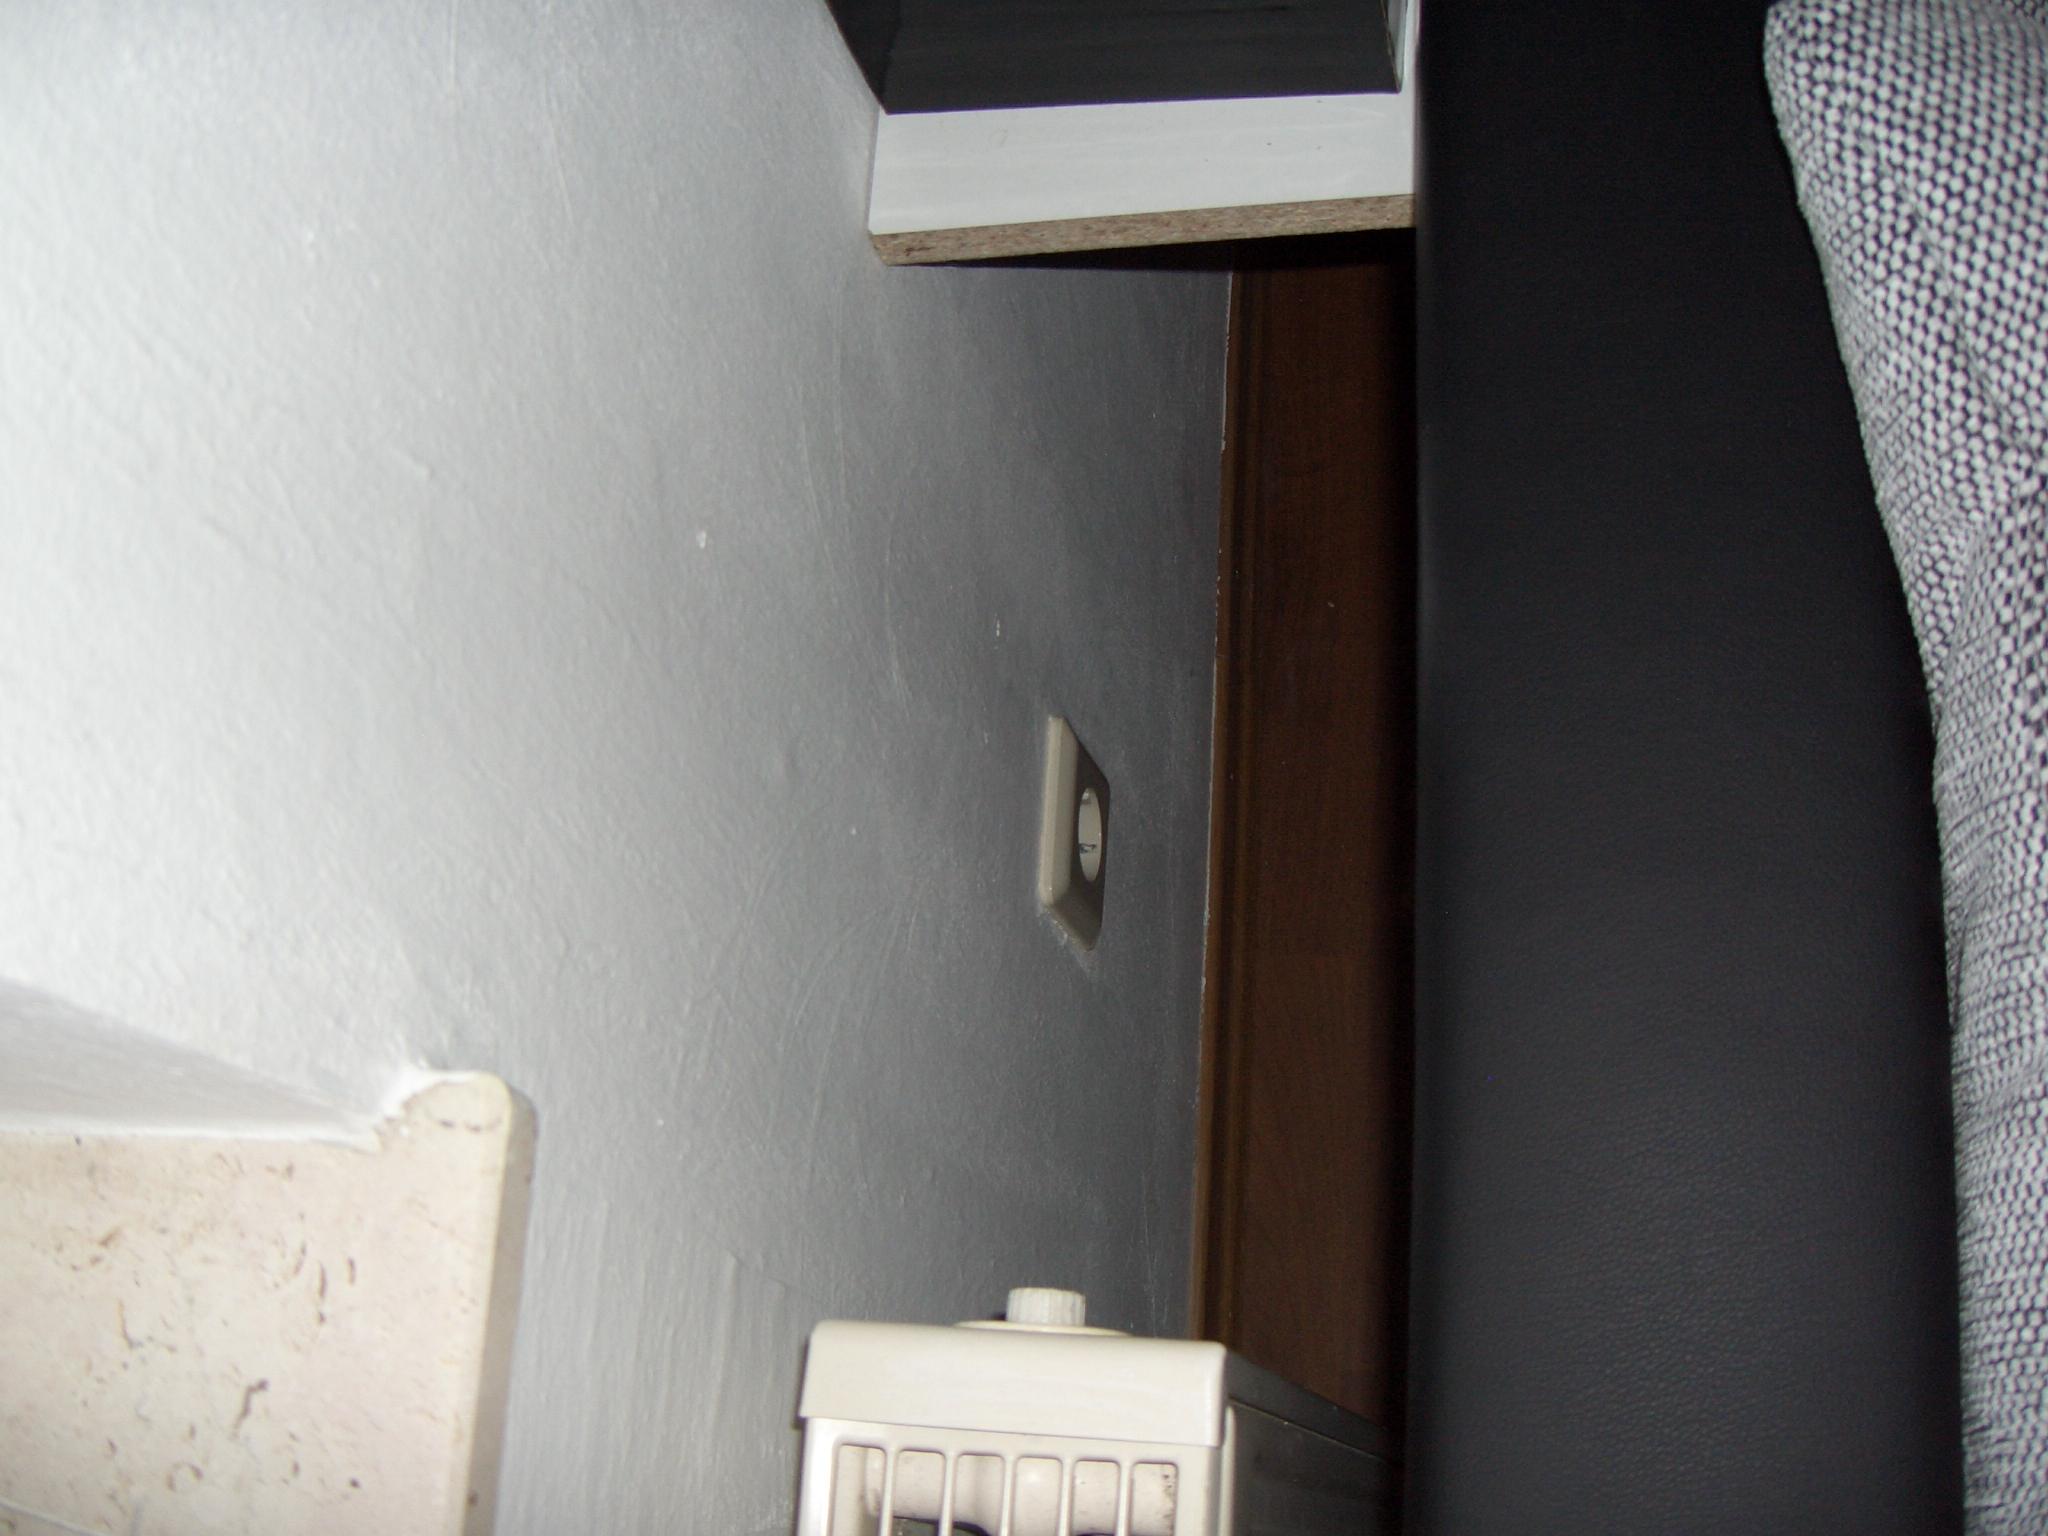 spots hinter meinem sofa led anf nger forum ledstyles de. Black Bedroom Furniture Sets. Home Design Ideas